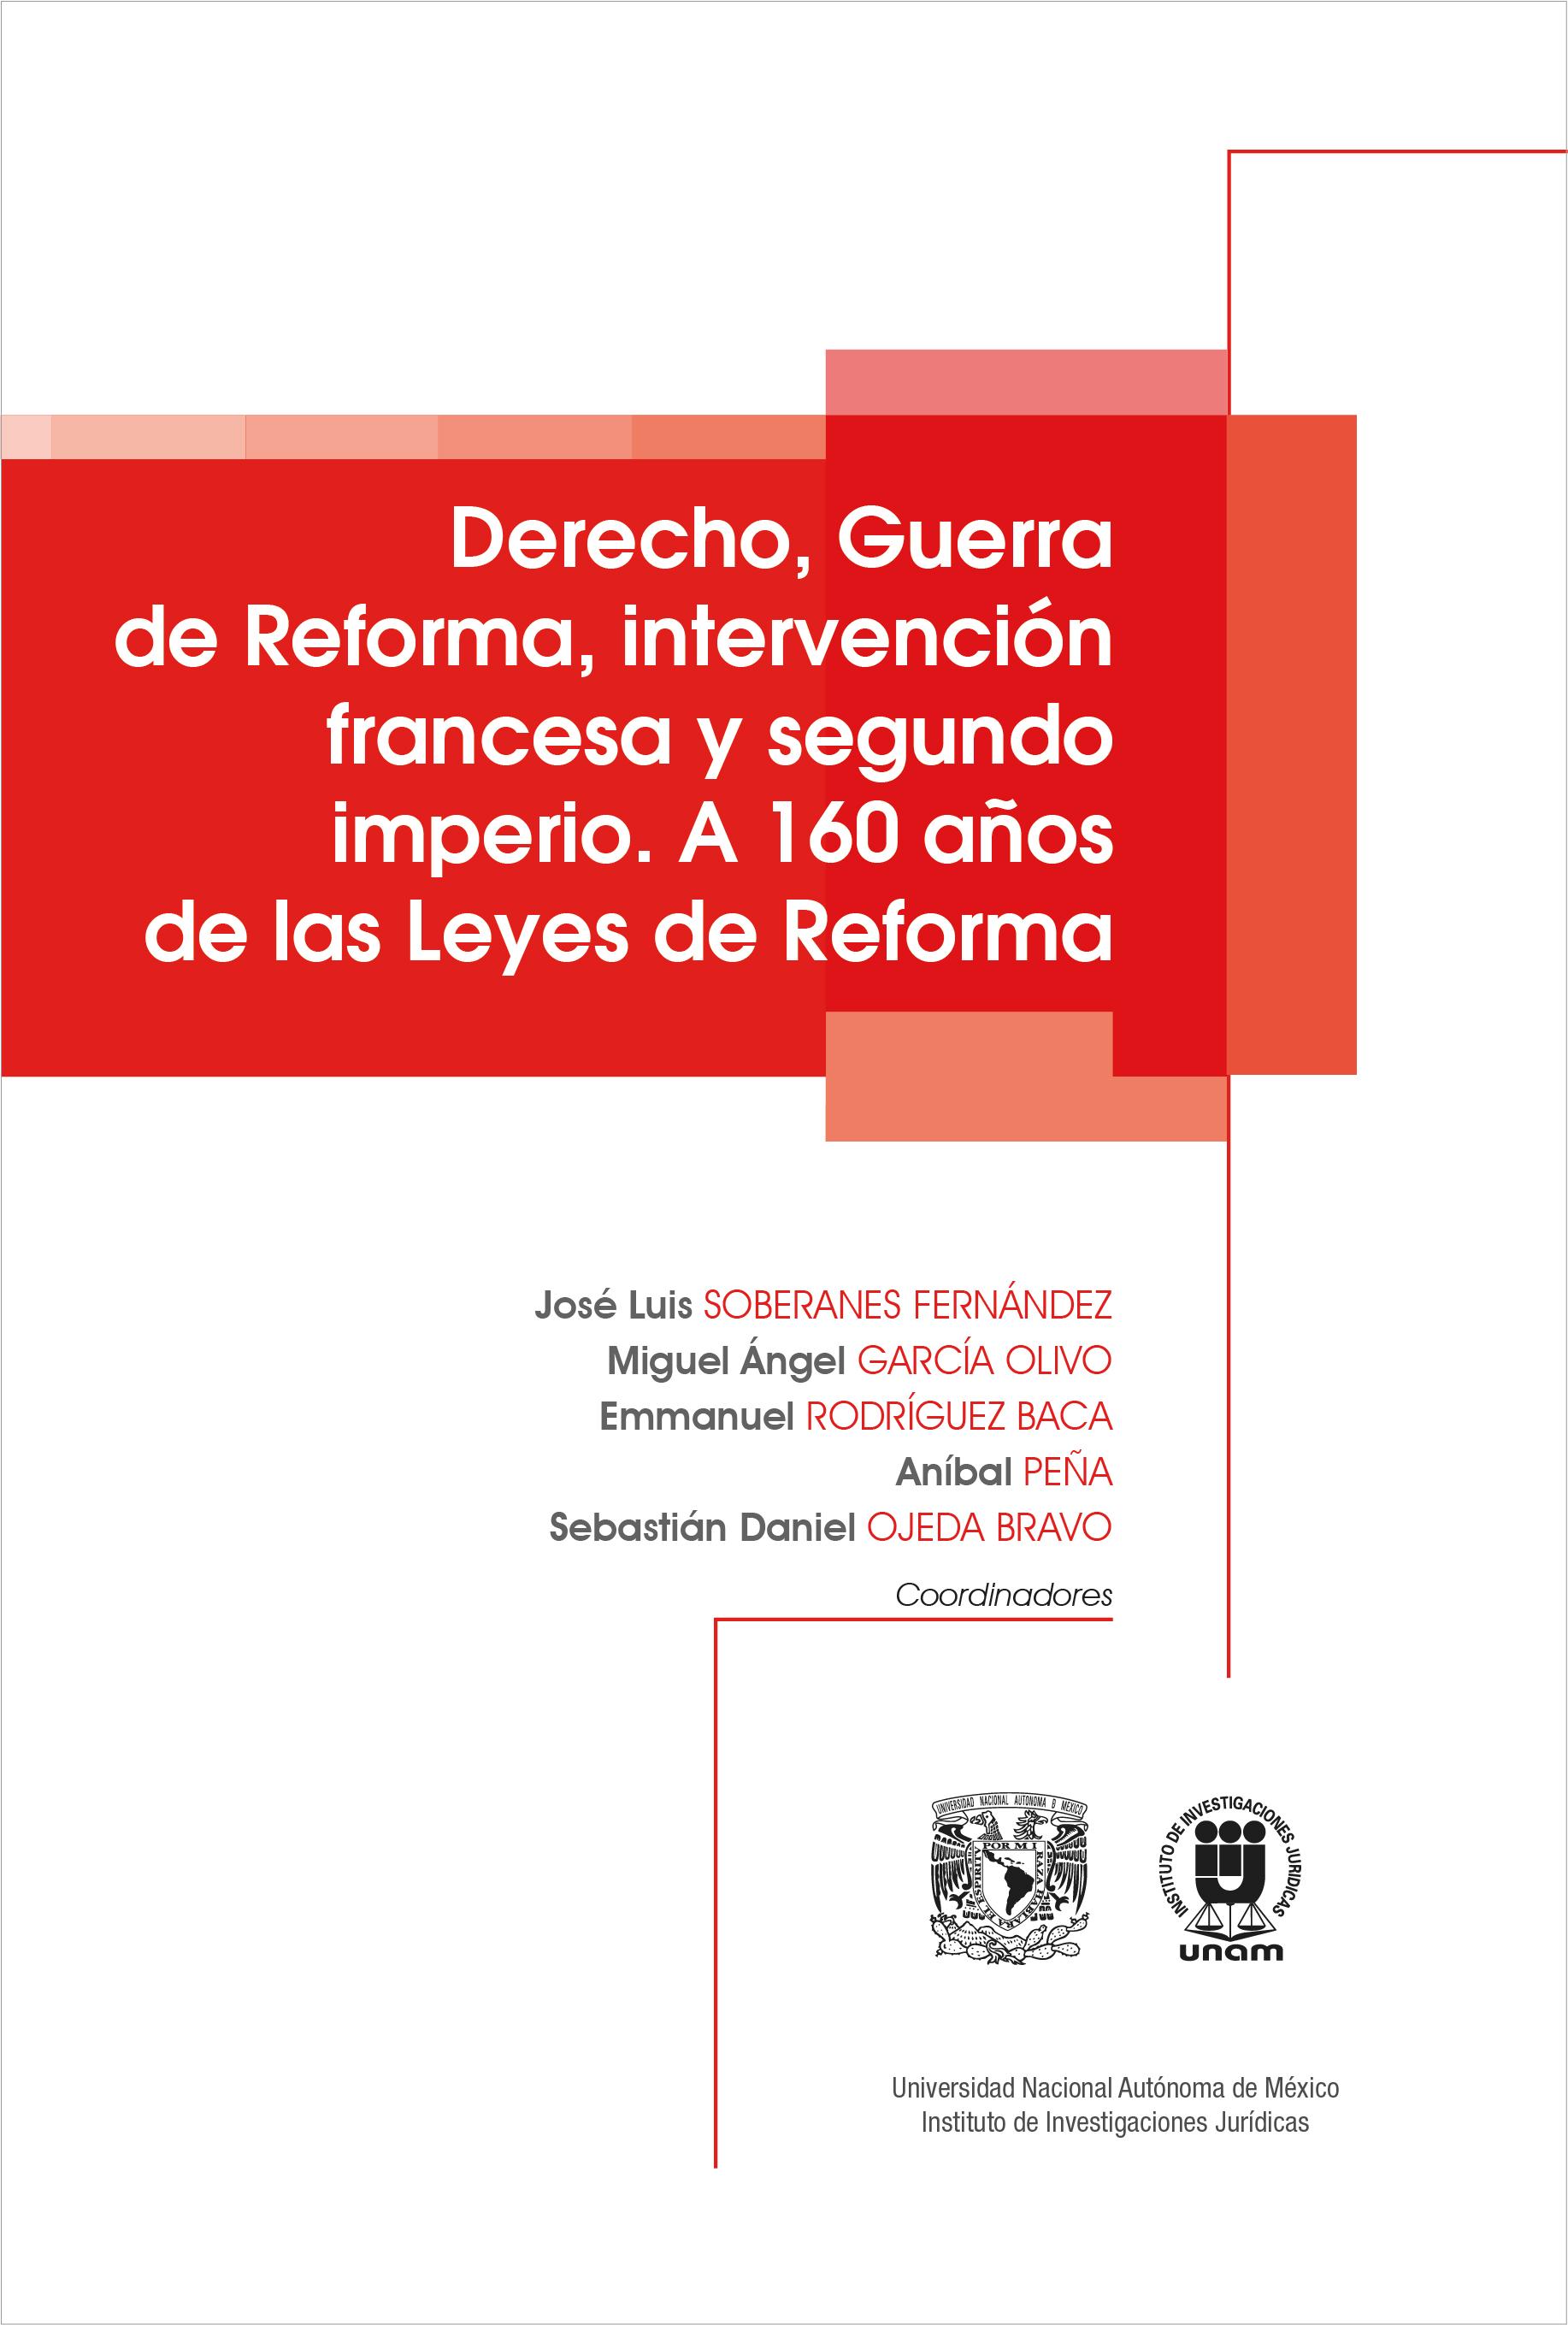 Derecho, Guerra de Reforma, intervención francesa y segundo imperio. A 160 años de las Leyes de Reforma